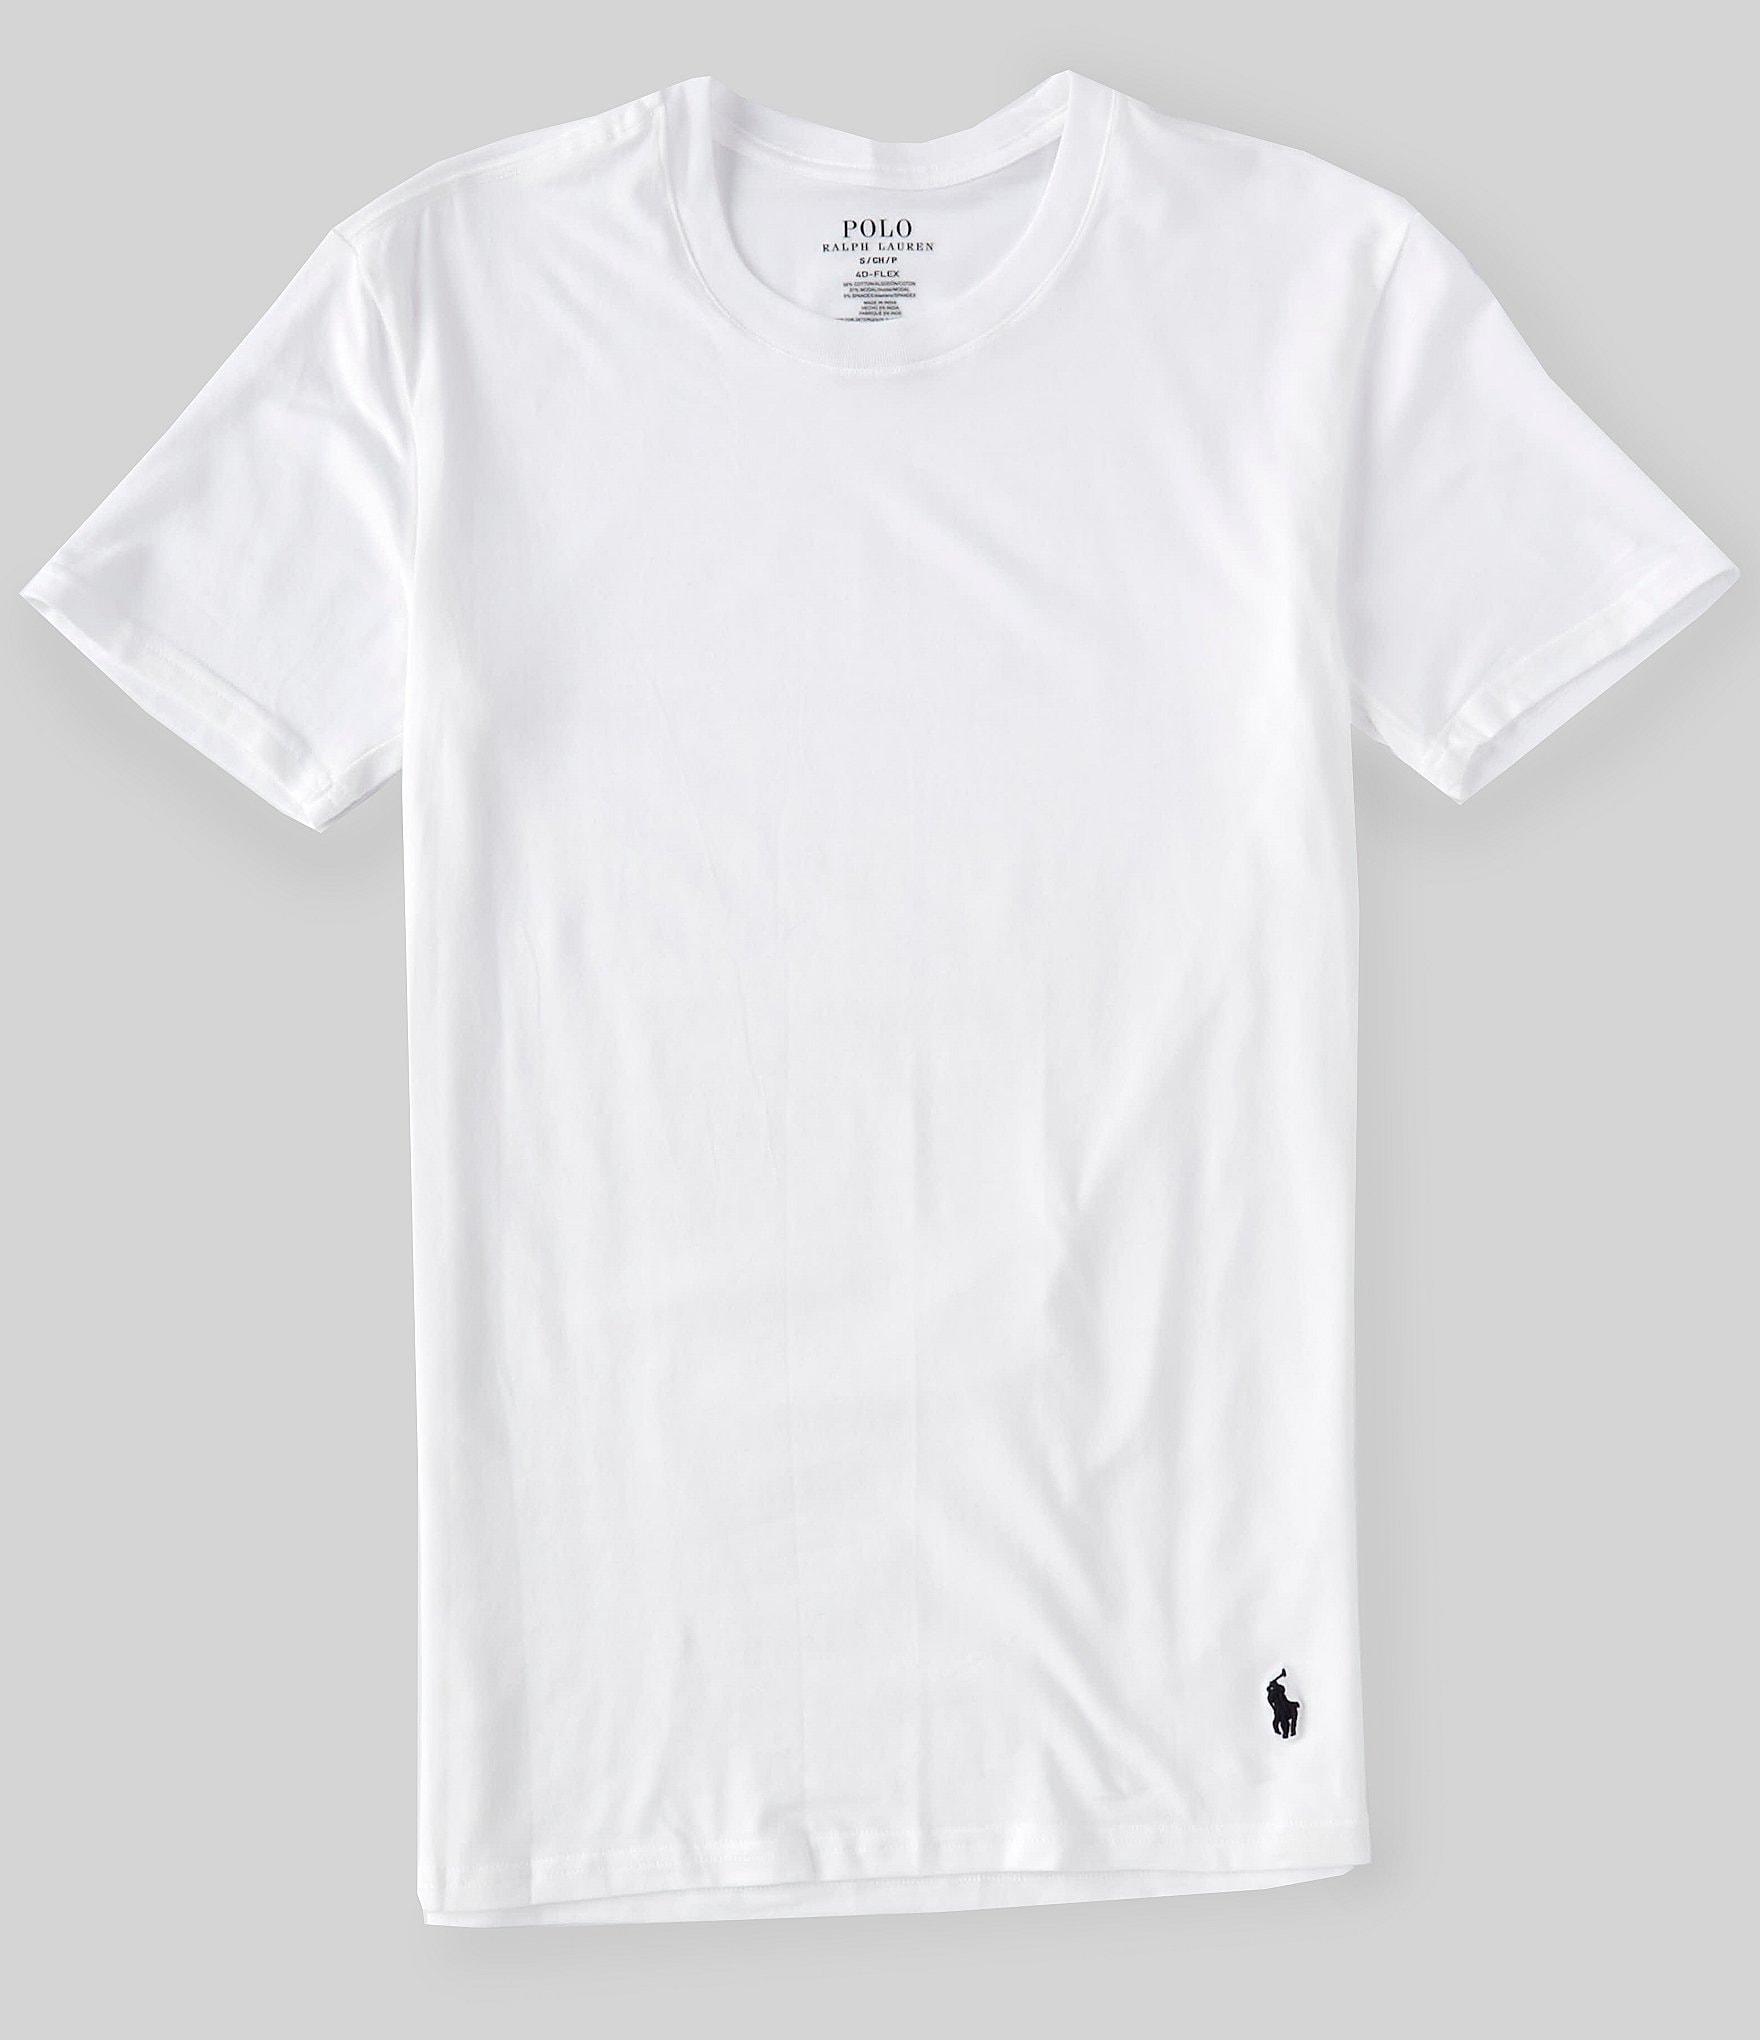 Polo Ralph Lauren 4D Flex Lux Cotton Modal T-Shirts 3-Pack | Dillard's